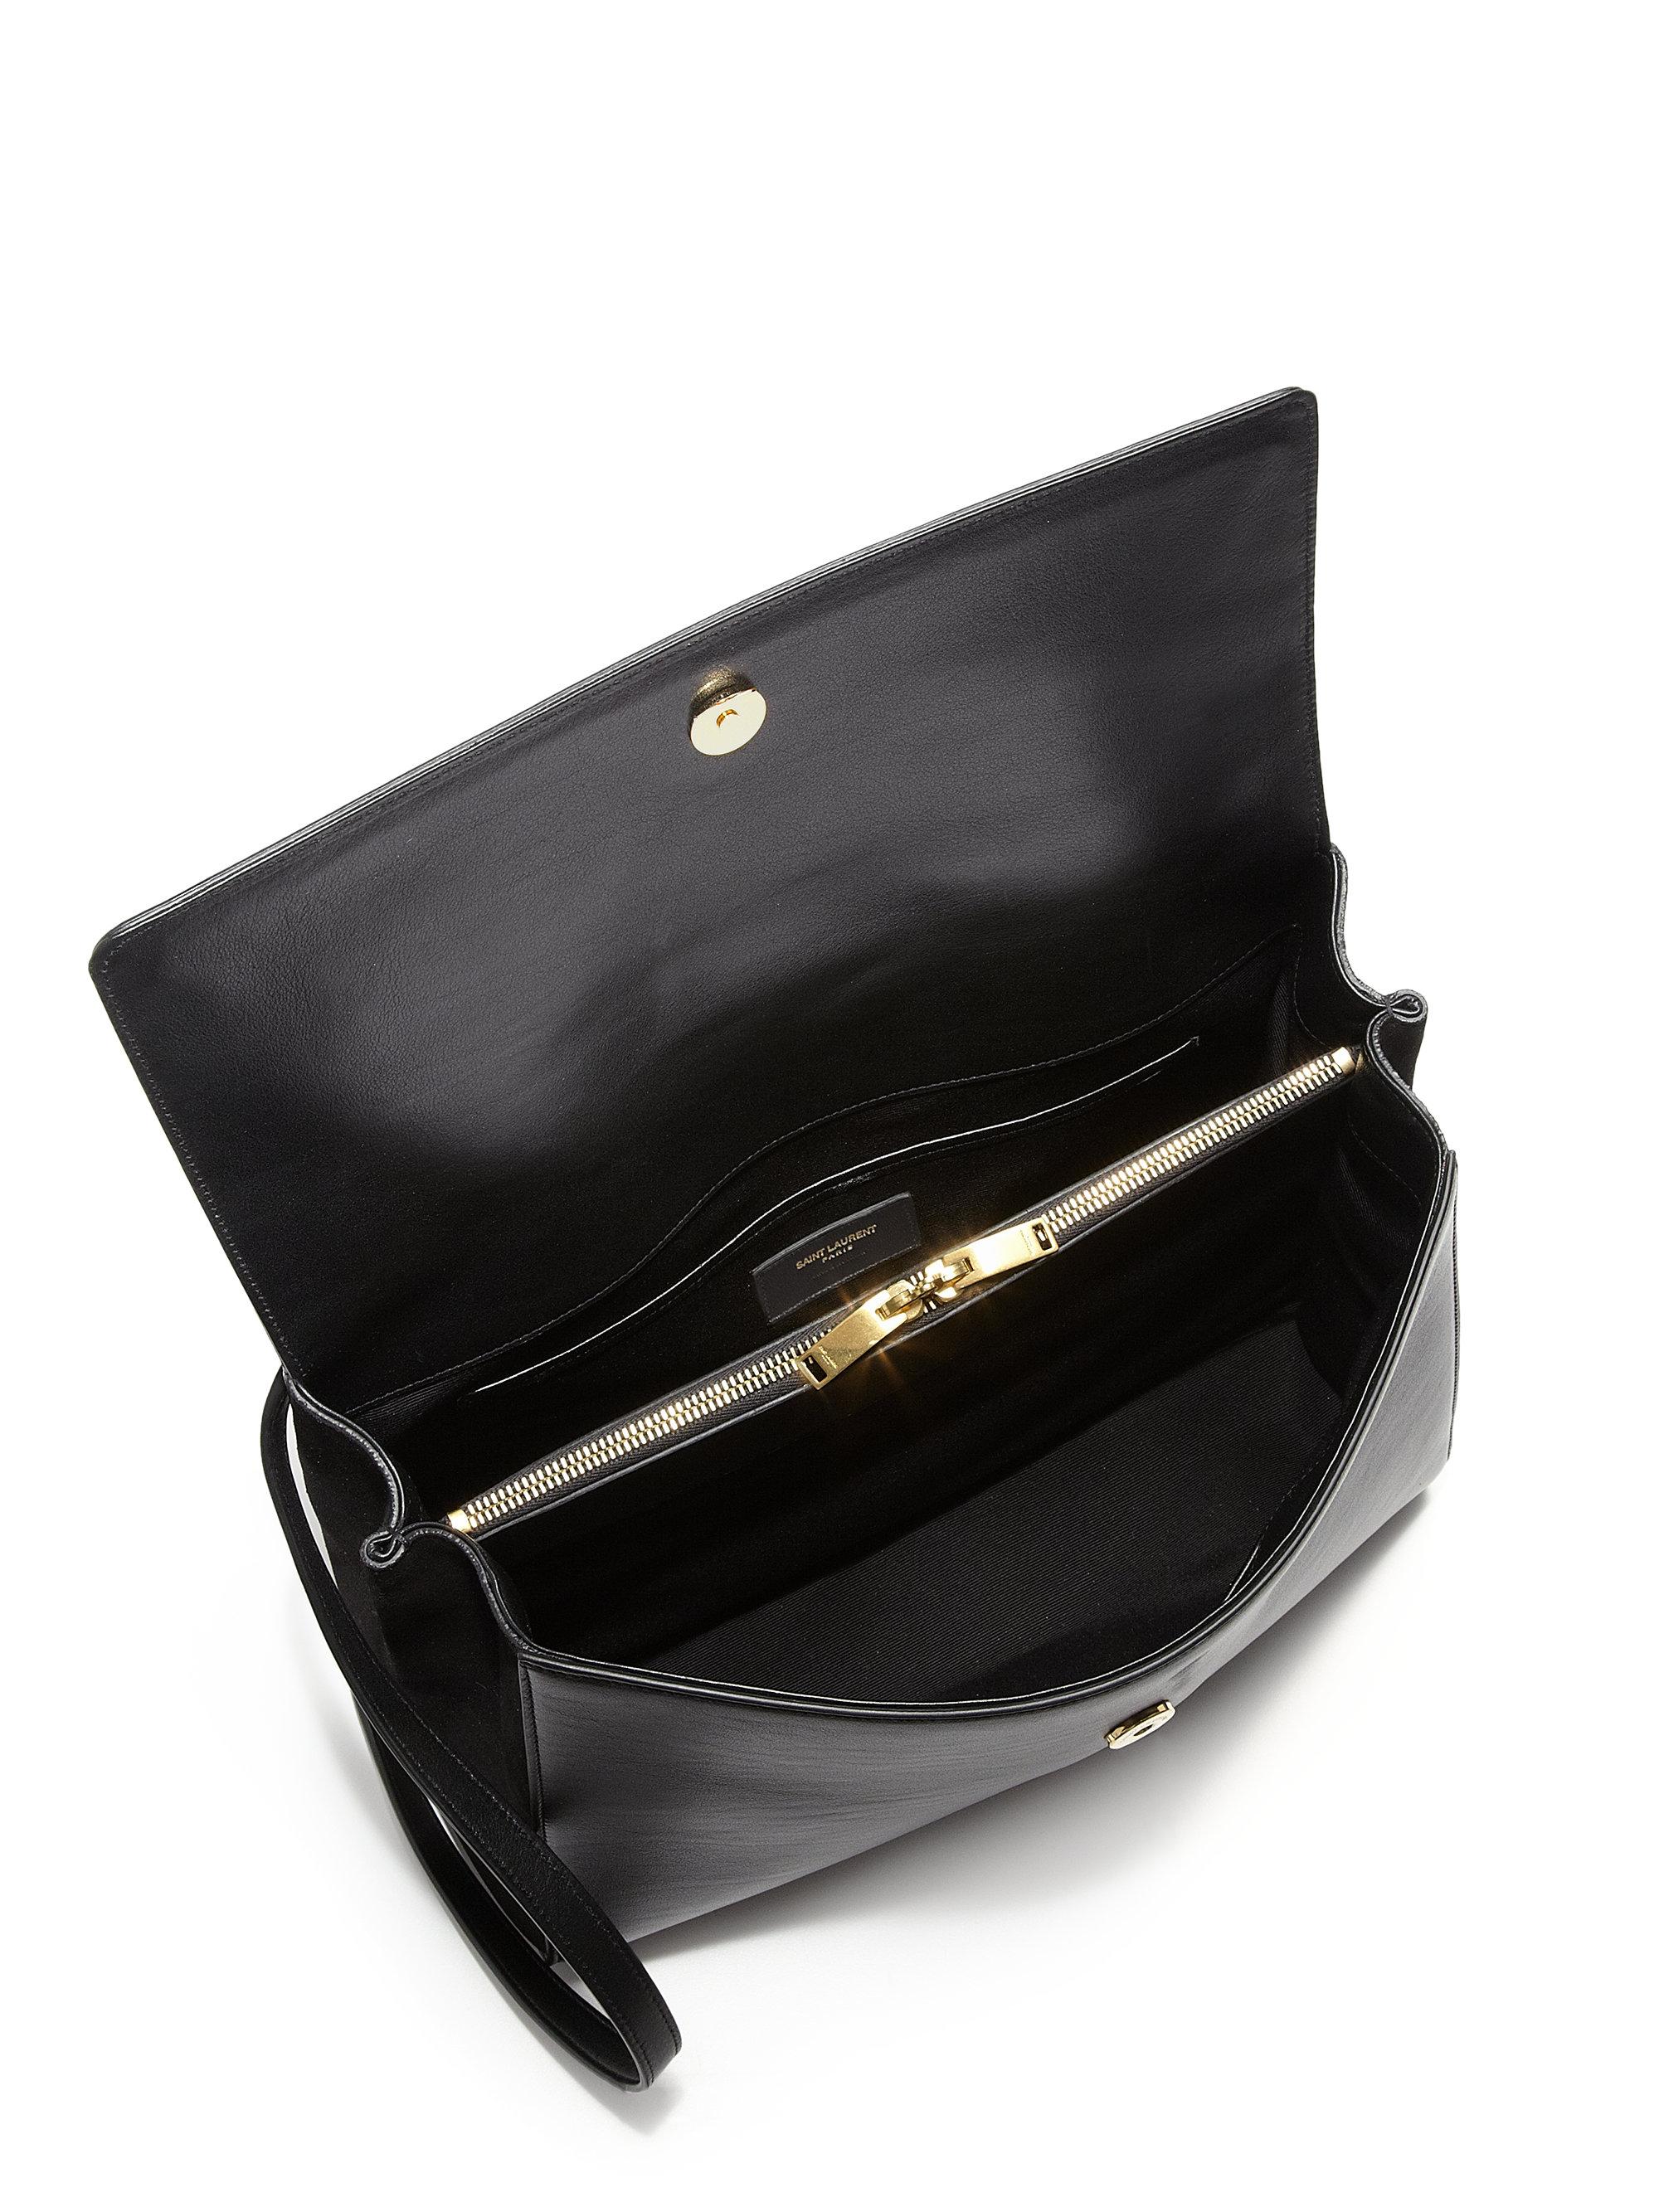 b0f45246644 Saint laurent Medium Leather  u0026amp  Suede Moujik Satchel in Black (NERO  .. classic medium kate monogram ...